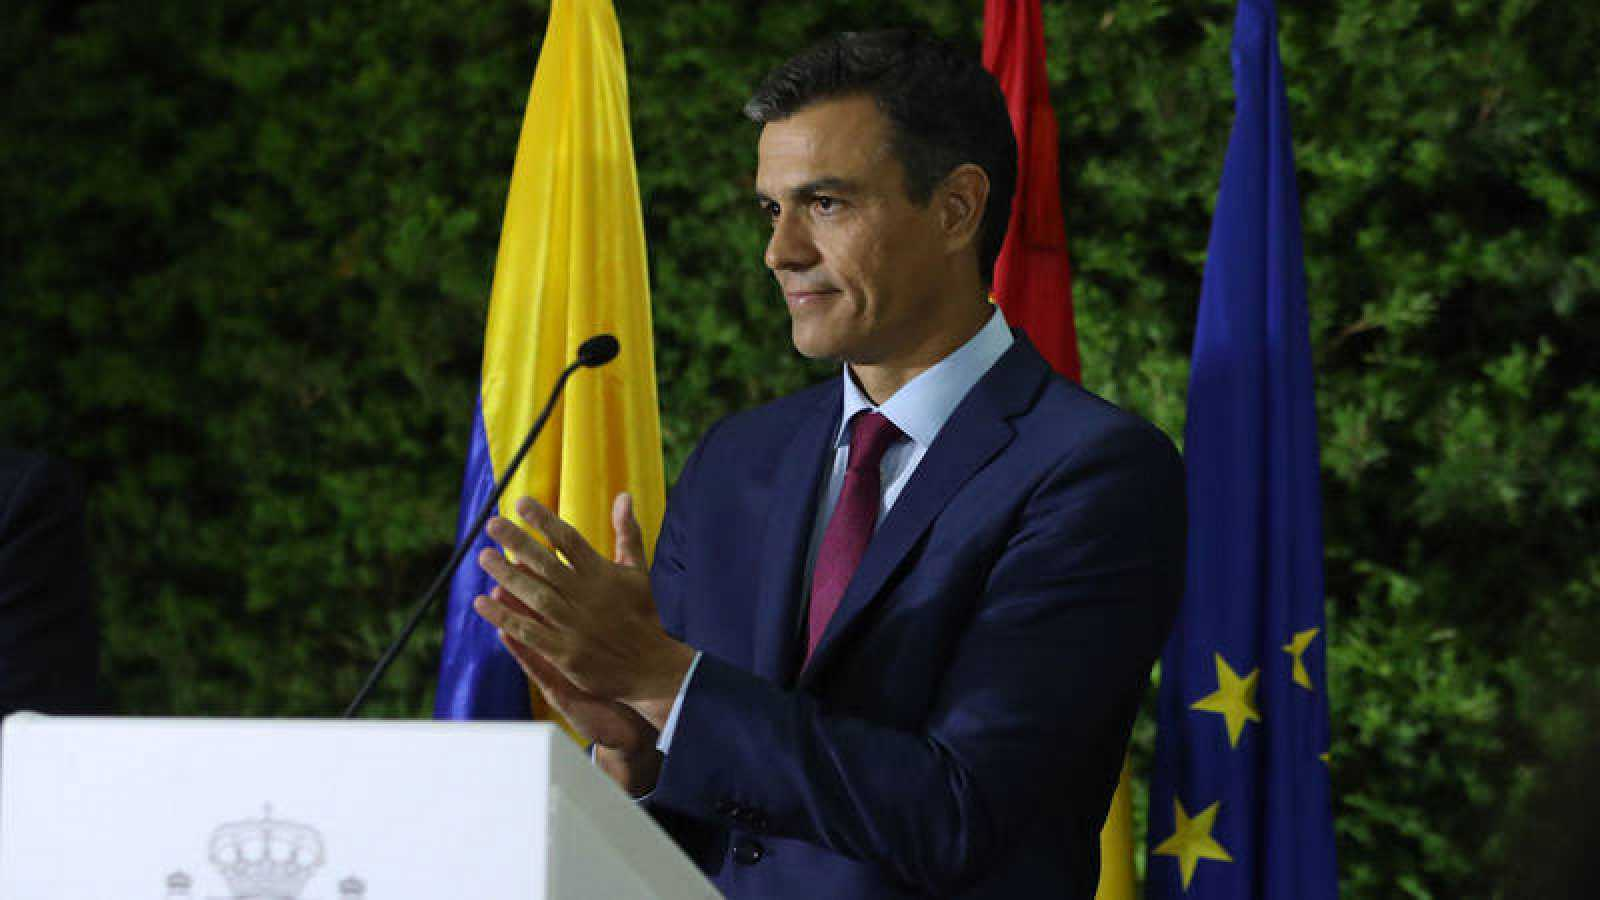 Pedro Sánchez expresa su apoyo a Iván Duque ante el reto migratorio por Venezuela